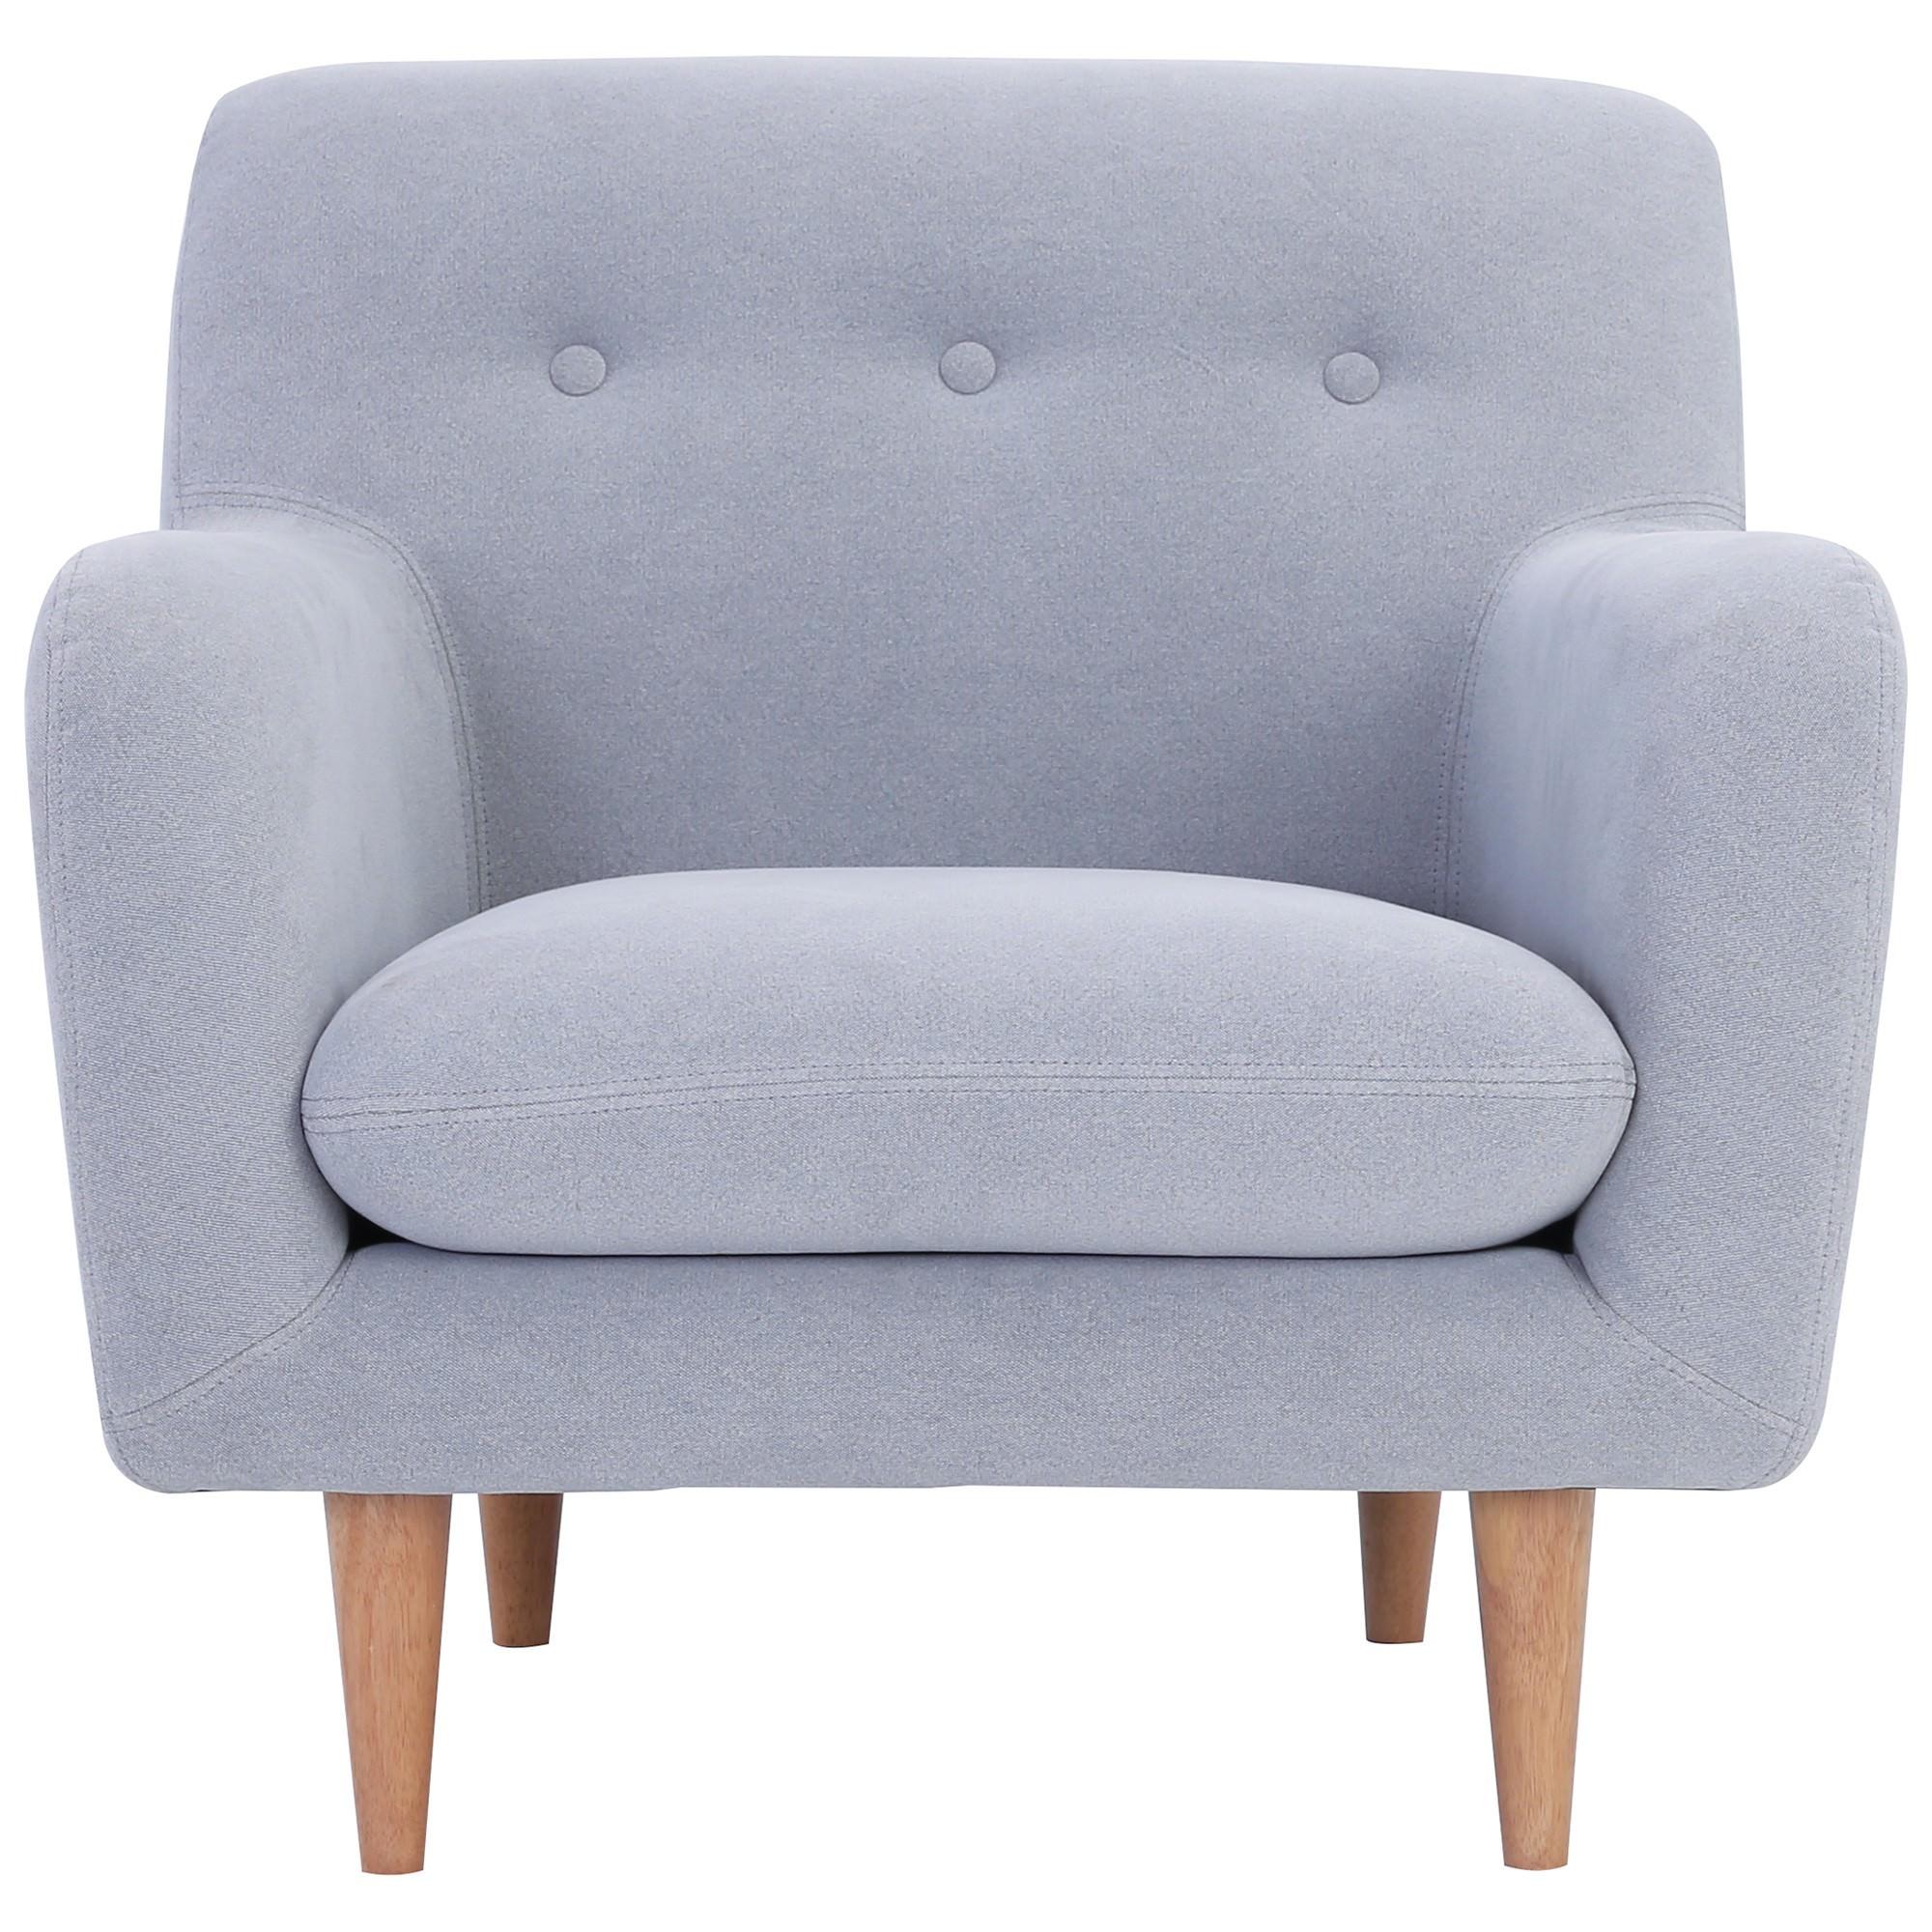 Sportage Fabric Armchair, Smoke